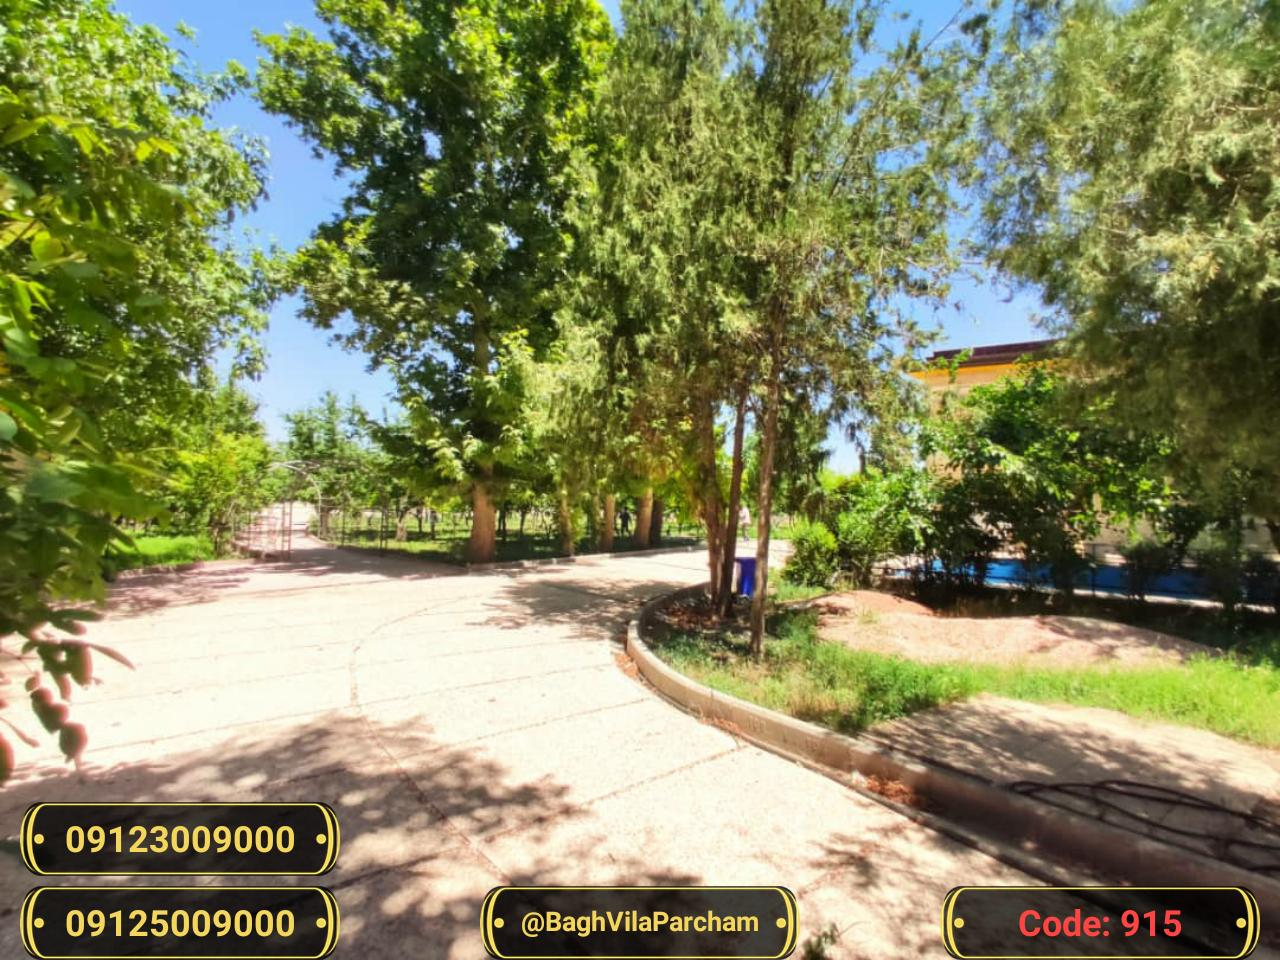 تصویر عکس باغ ویلا شماره 22 از ویلای ۵۶۵۰ متر ویلا کلاسیک تریبلکس Picture photo image 22 of ۵۶۵۰ متر ویلا کلاسیک تریبلکس